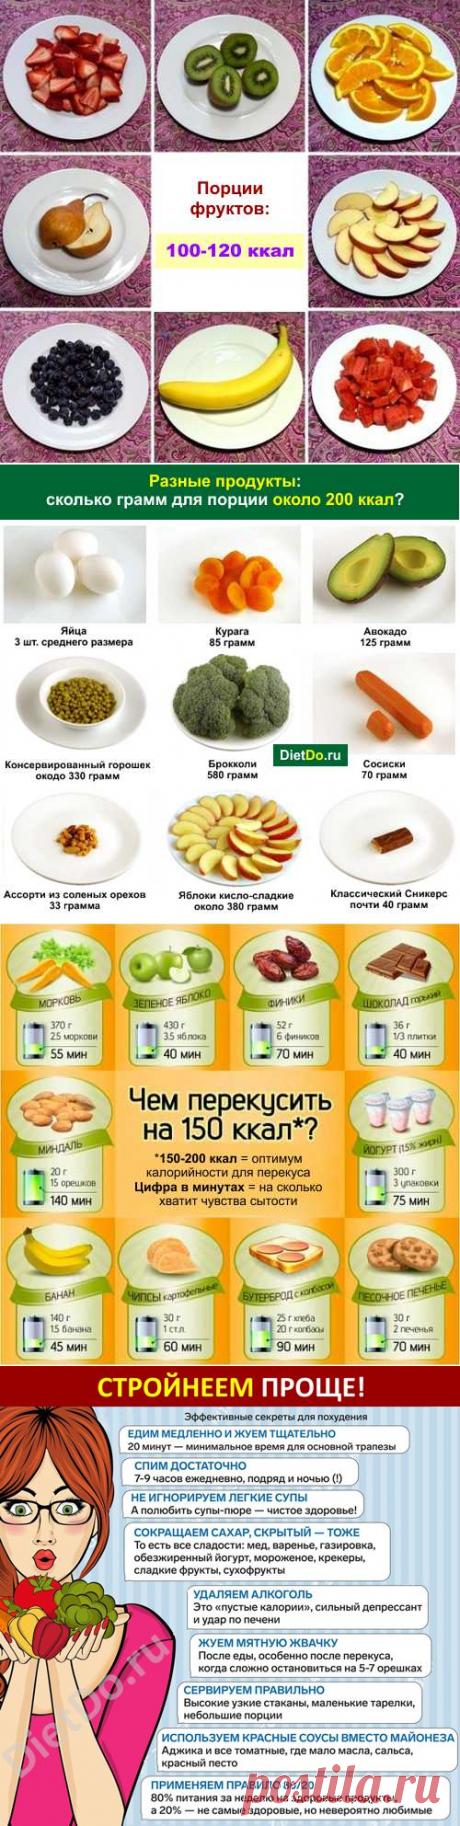 Низкокалорийные продукты для похудения: полный список